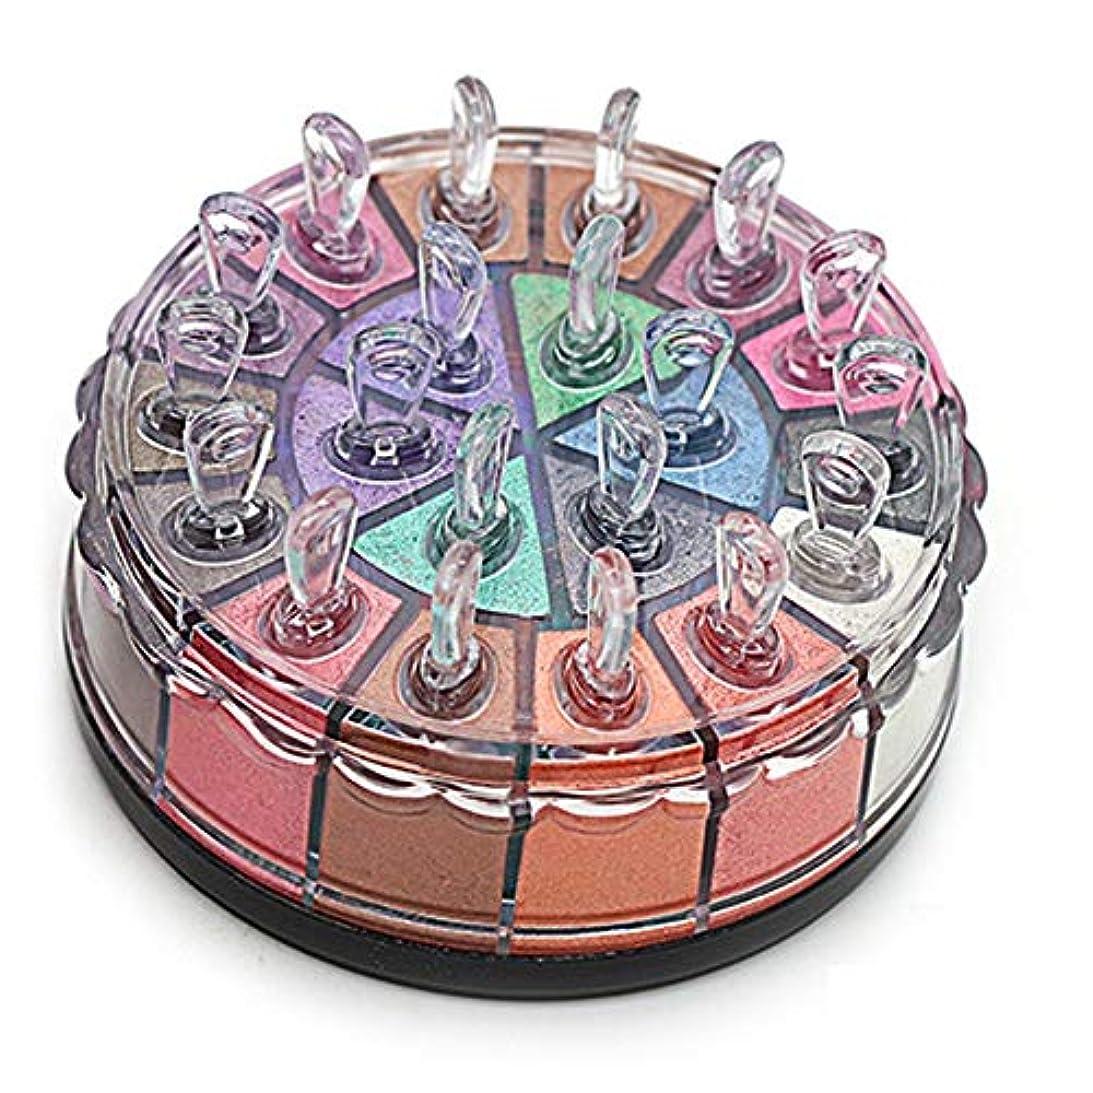 モルヒネ毎日煙Akane アイシャドウパレット INS 人気 ファッション 超便利 キラキラ 欧米風 綺麗 可愛い 高級 つや消し マット Eye Shadow (20色)